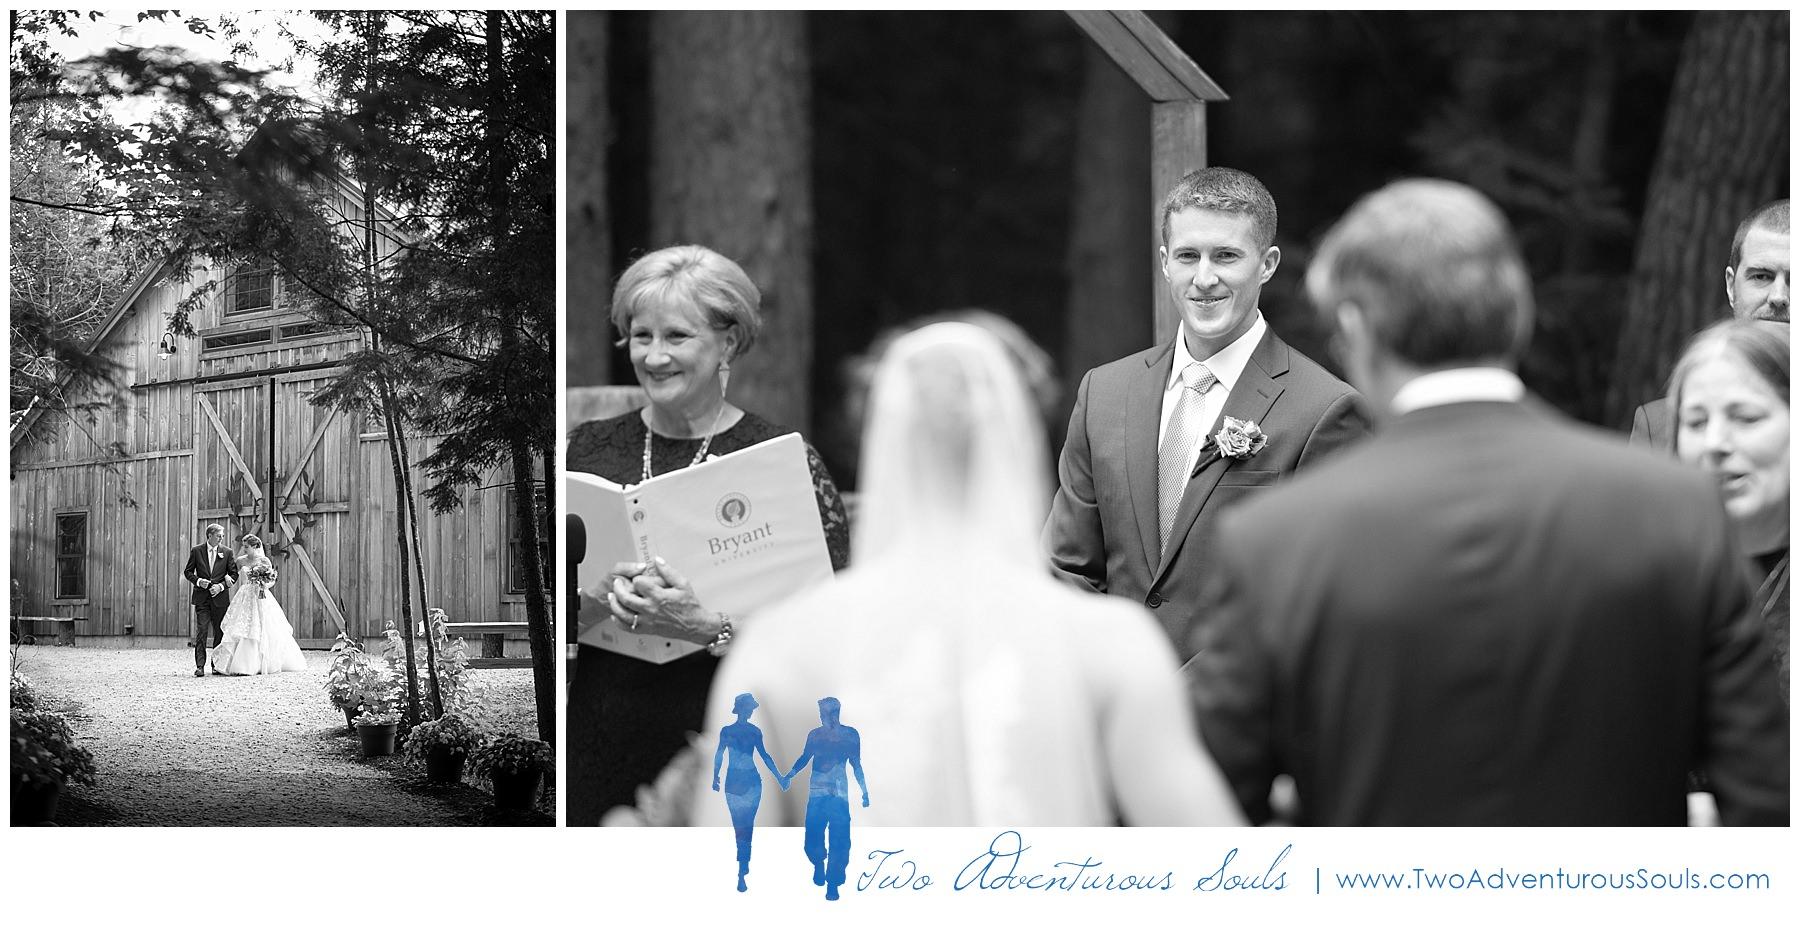 Maine Wedding Photographers, Granite Ridge Estate Wedding Photographers, Two Adventurous Souls - 080319_0034.jpg